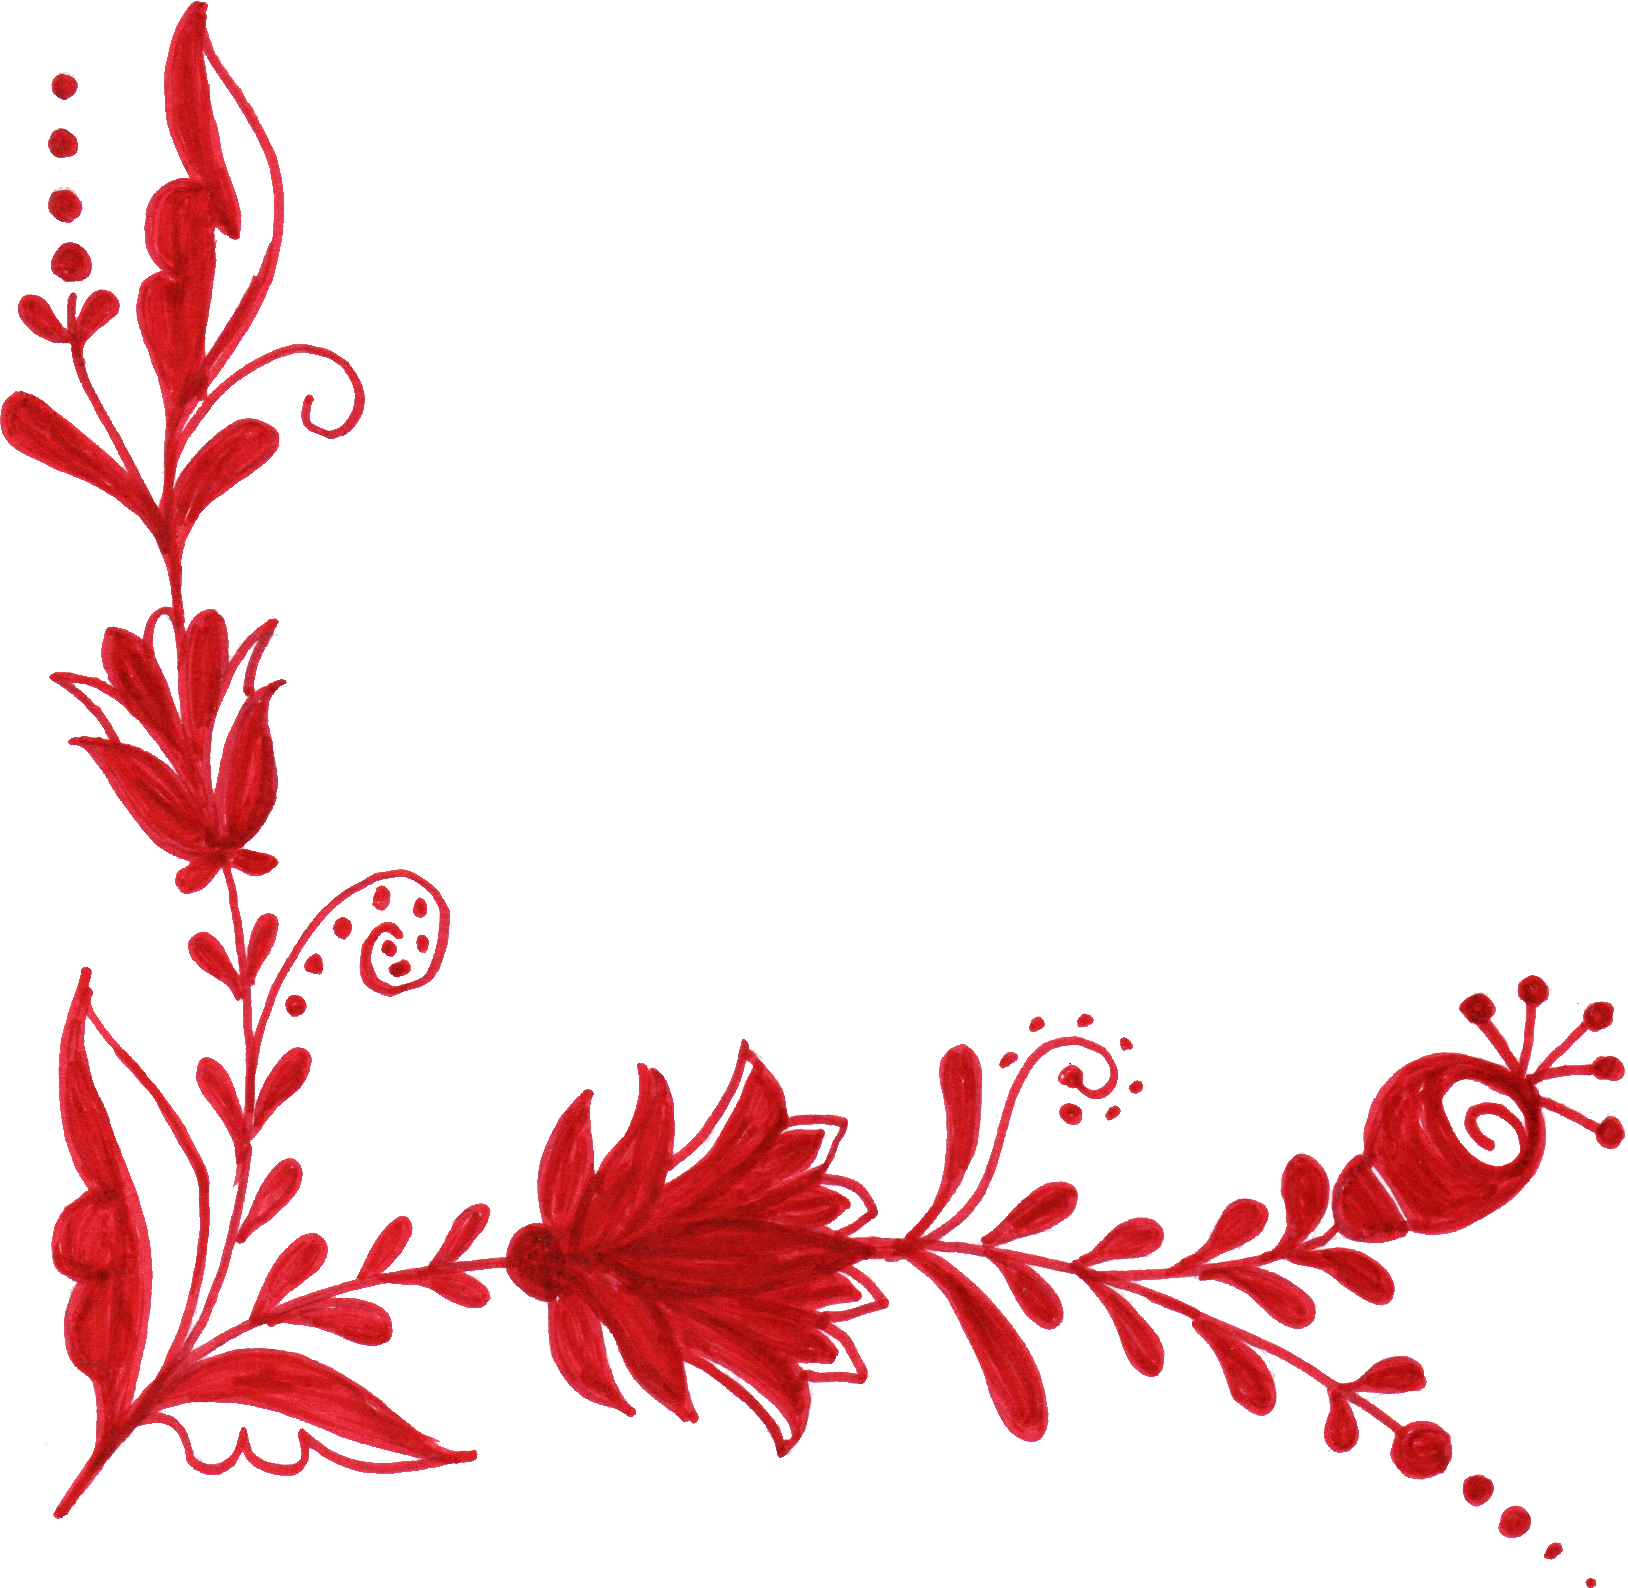 6 Red Flower Corner Ornament (PNG Transparent).